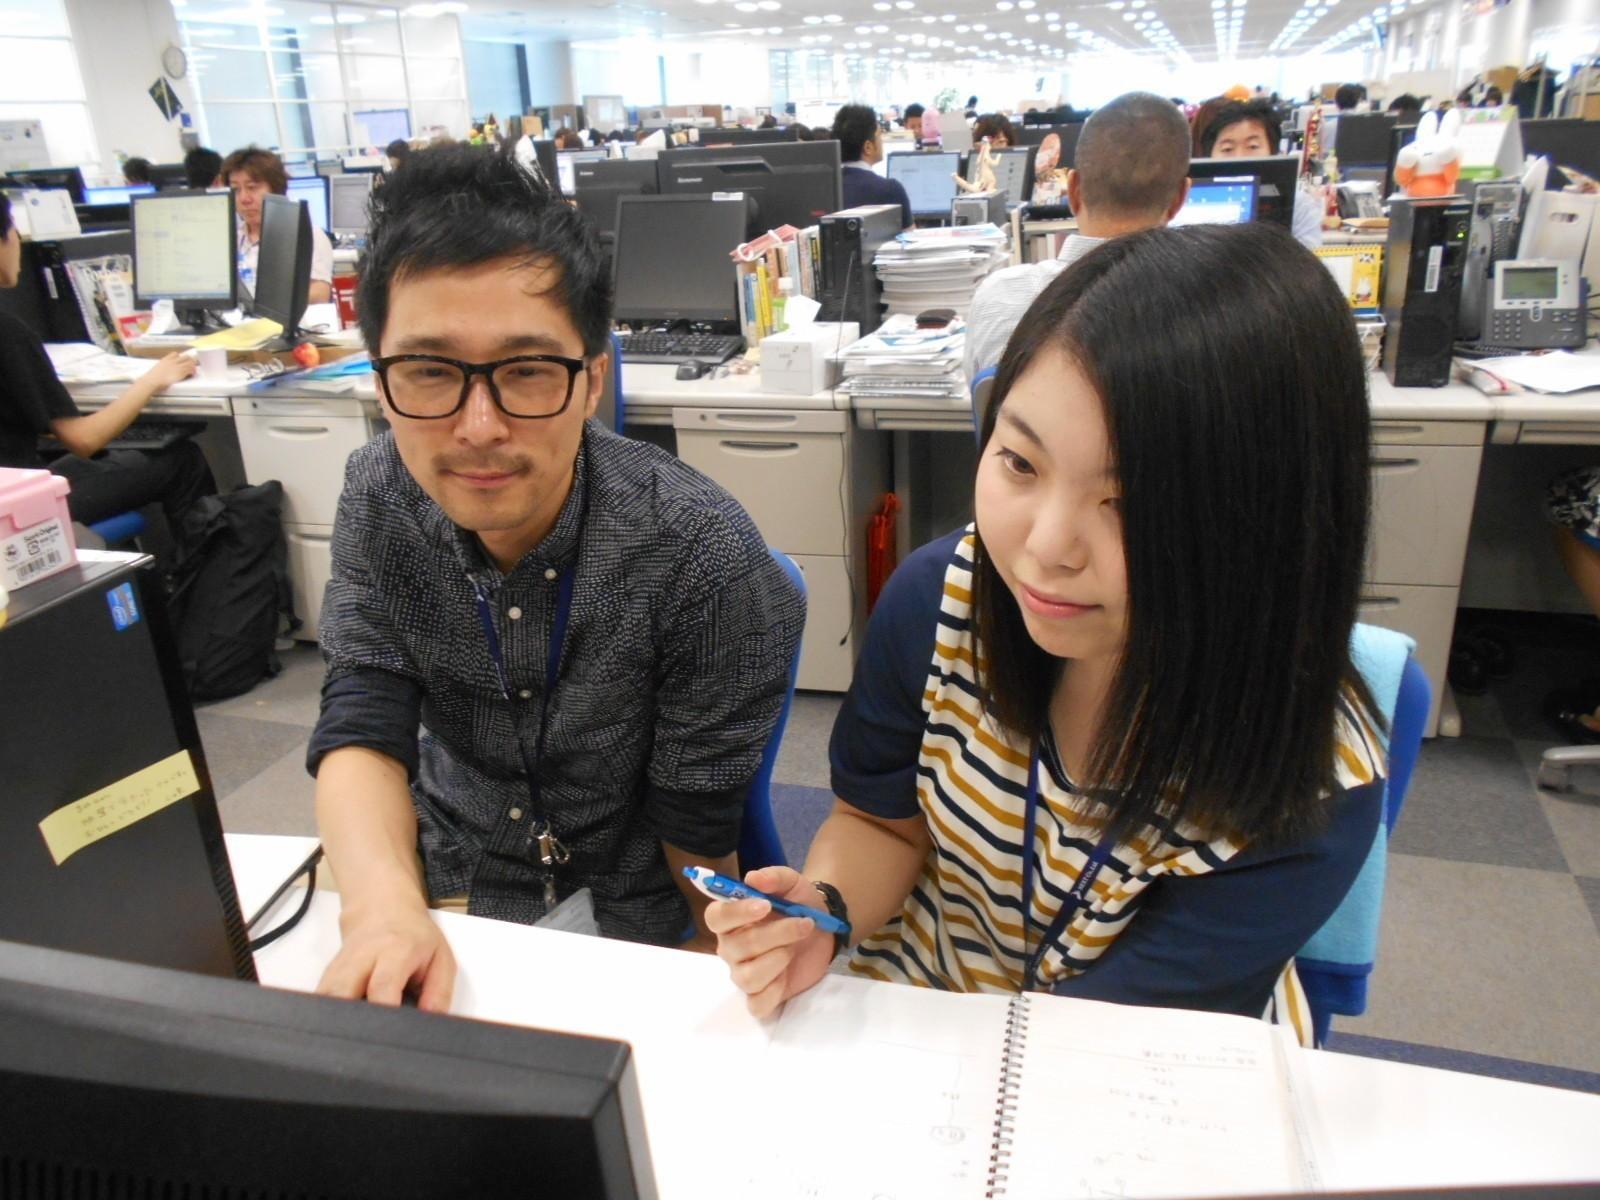 日本最大級の不動産・住宅情報サイト「HOME'S」の新築分譲戸建てや中古不動産領域のサービス開発を担う組織にて活躍してくれるエンジニアを募集!